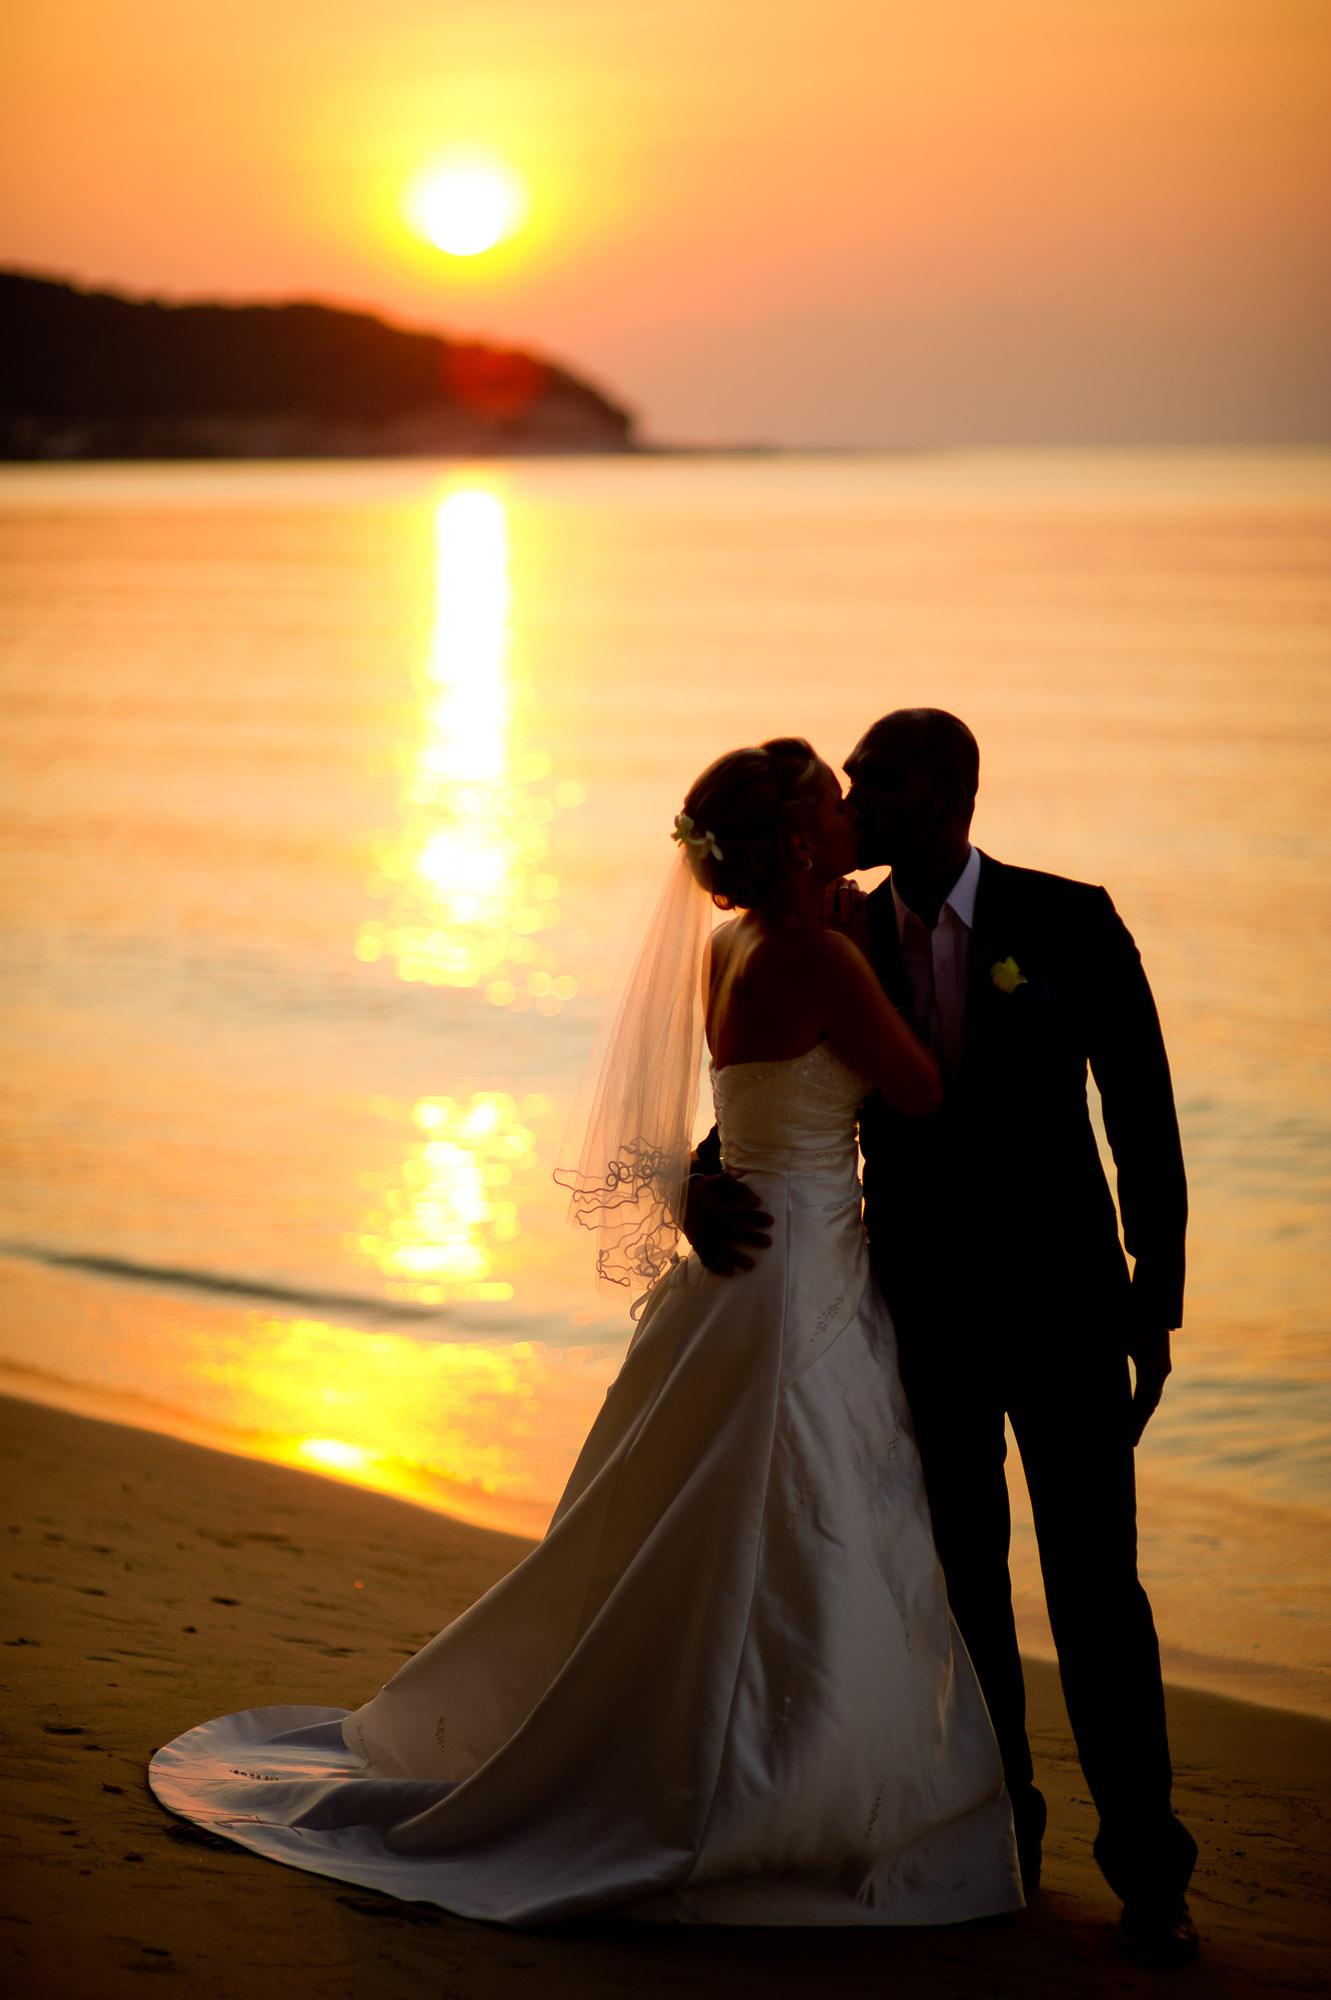 งานแต่งงาน ที่ ฟาอะเว วิลล่า สมุย   WEDDING AT FARAWAY VILLA SAMUI THAILAND